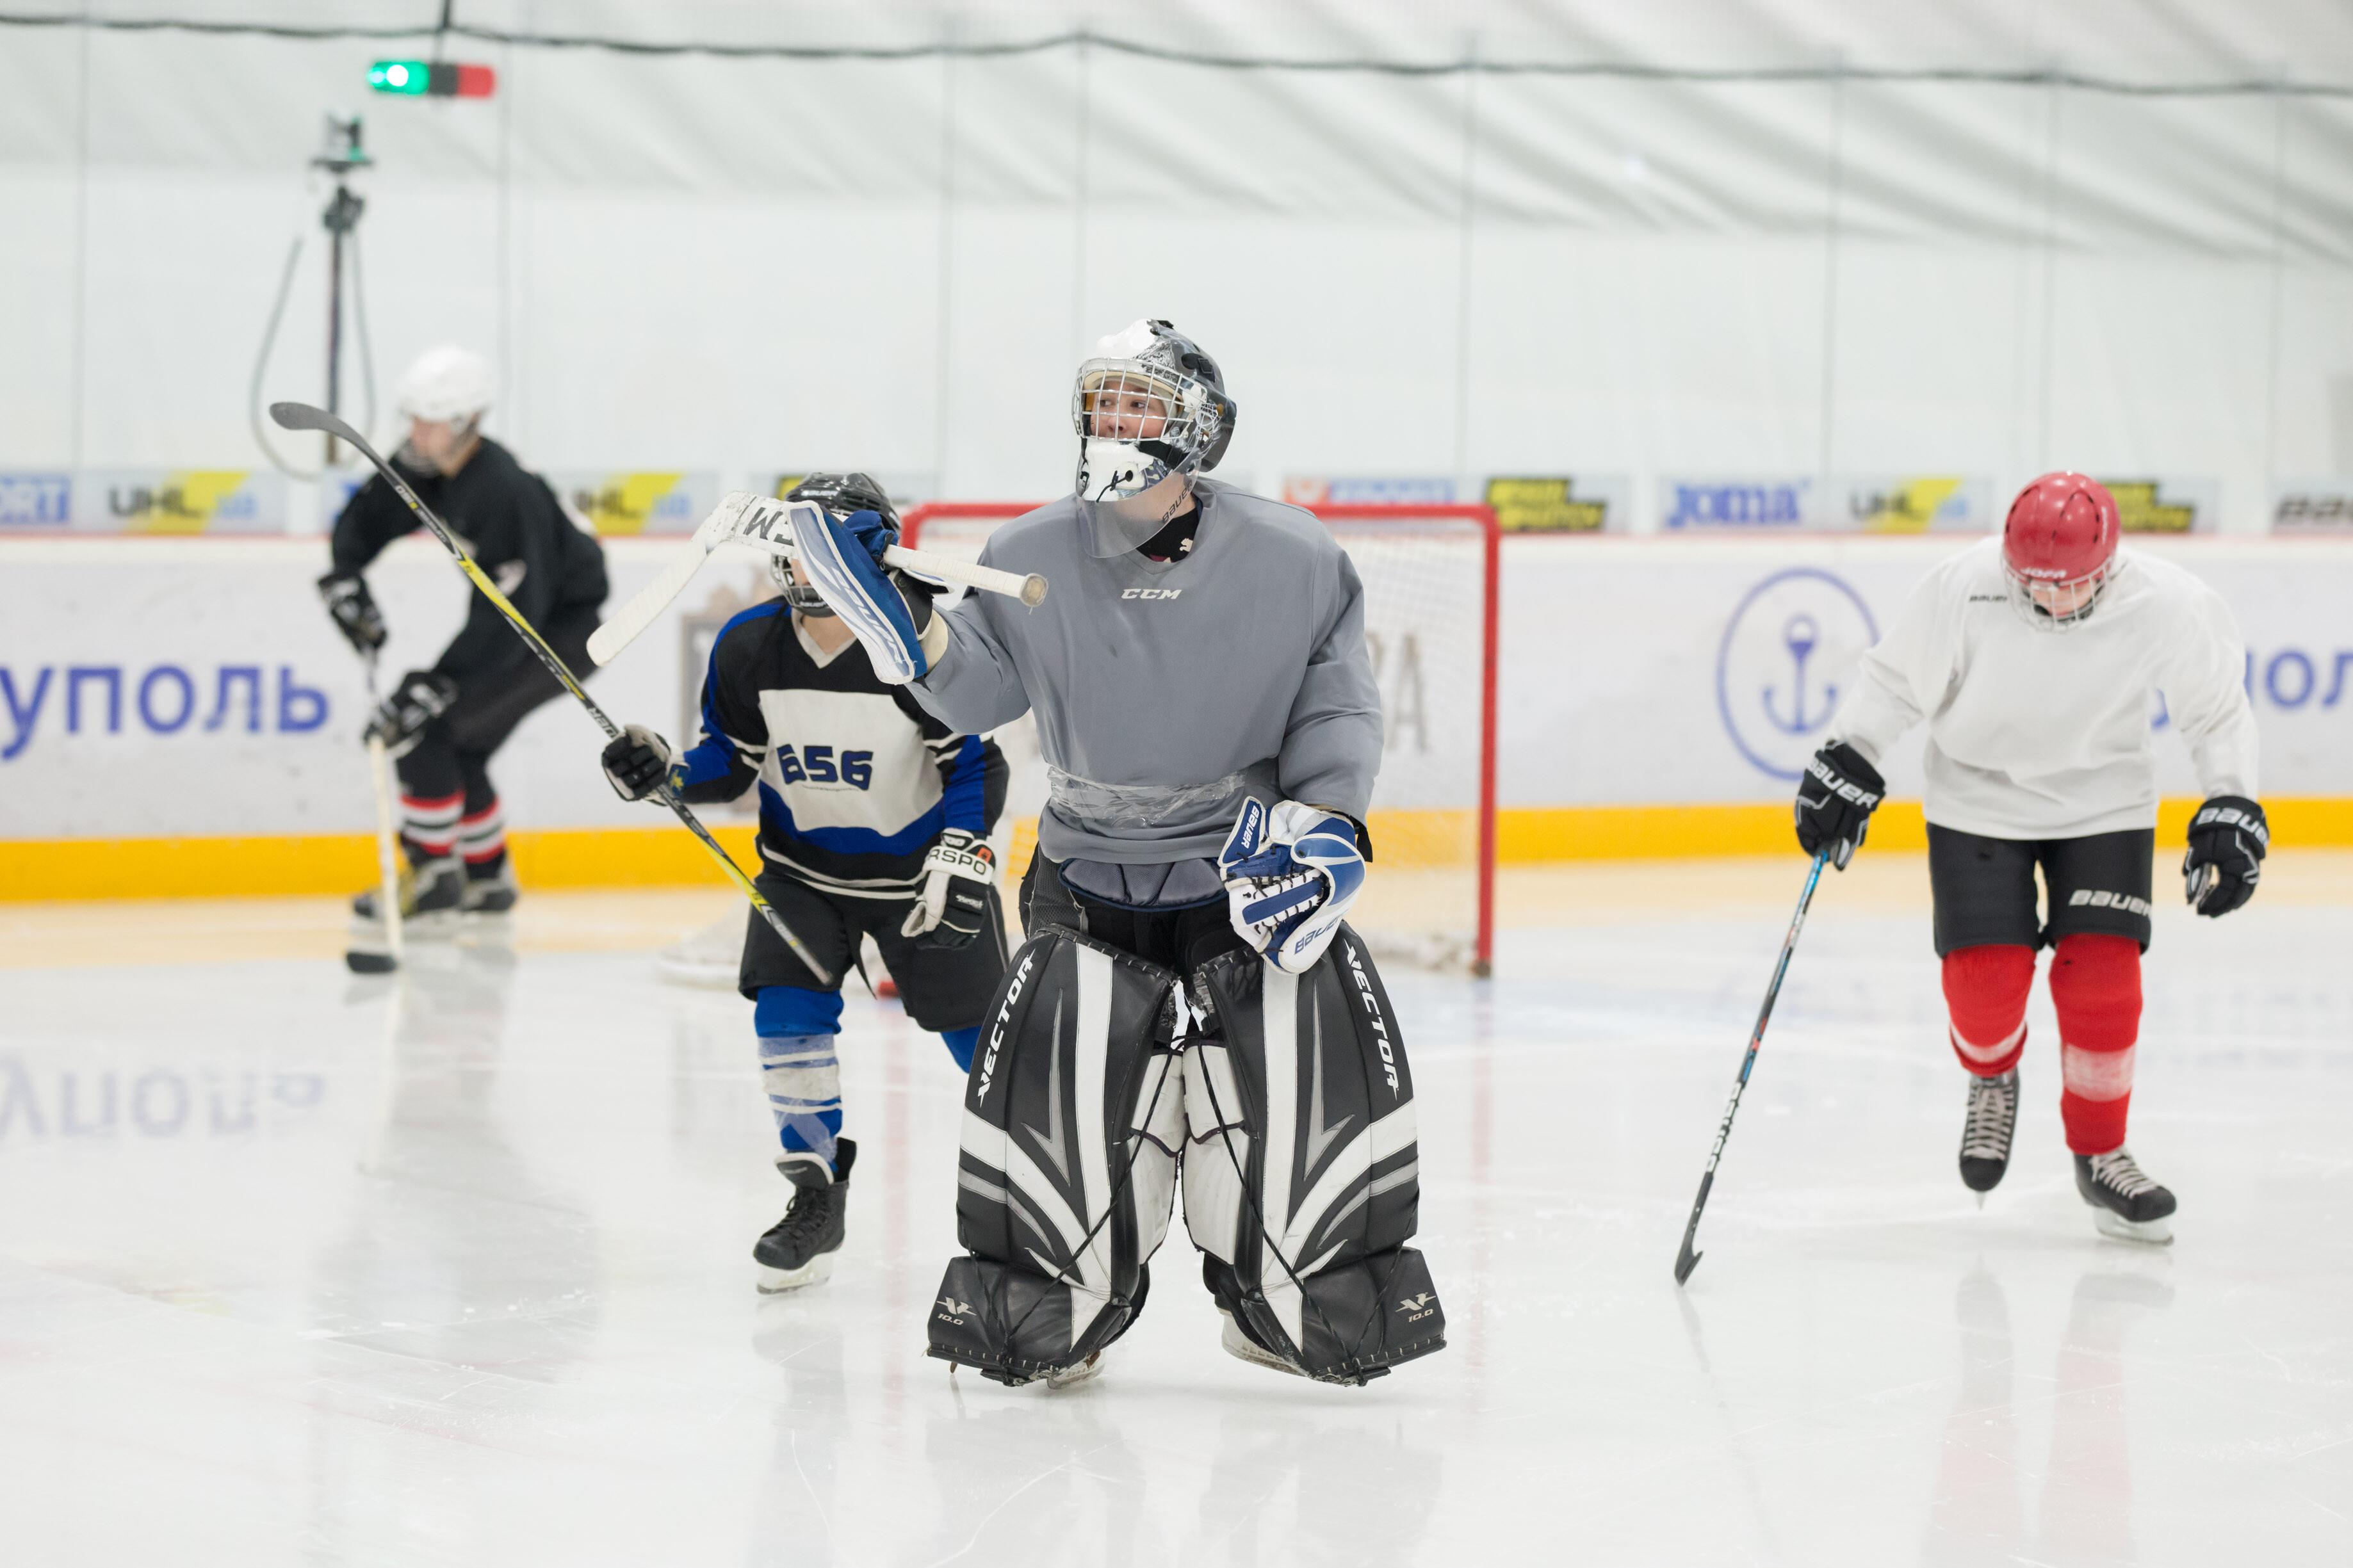 Звезды украинского хоккея провели мастер-класс для детей в Мариуполе